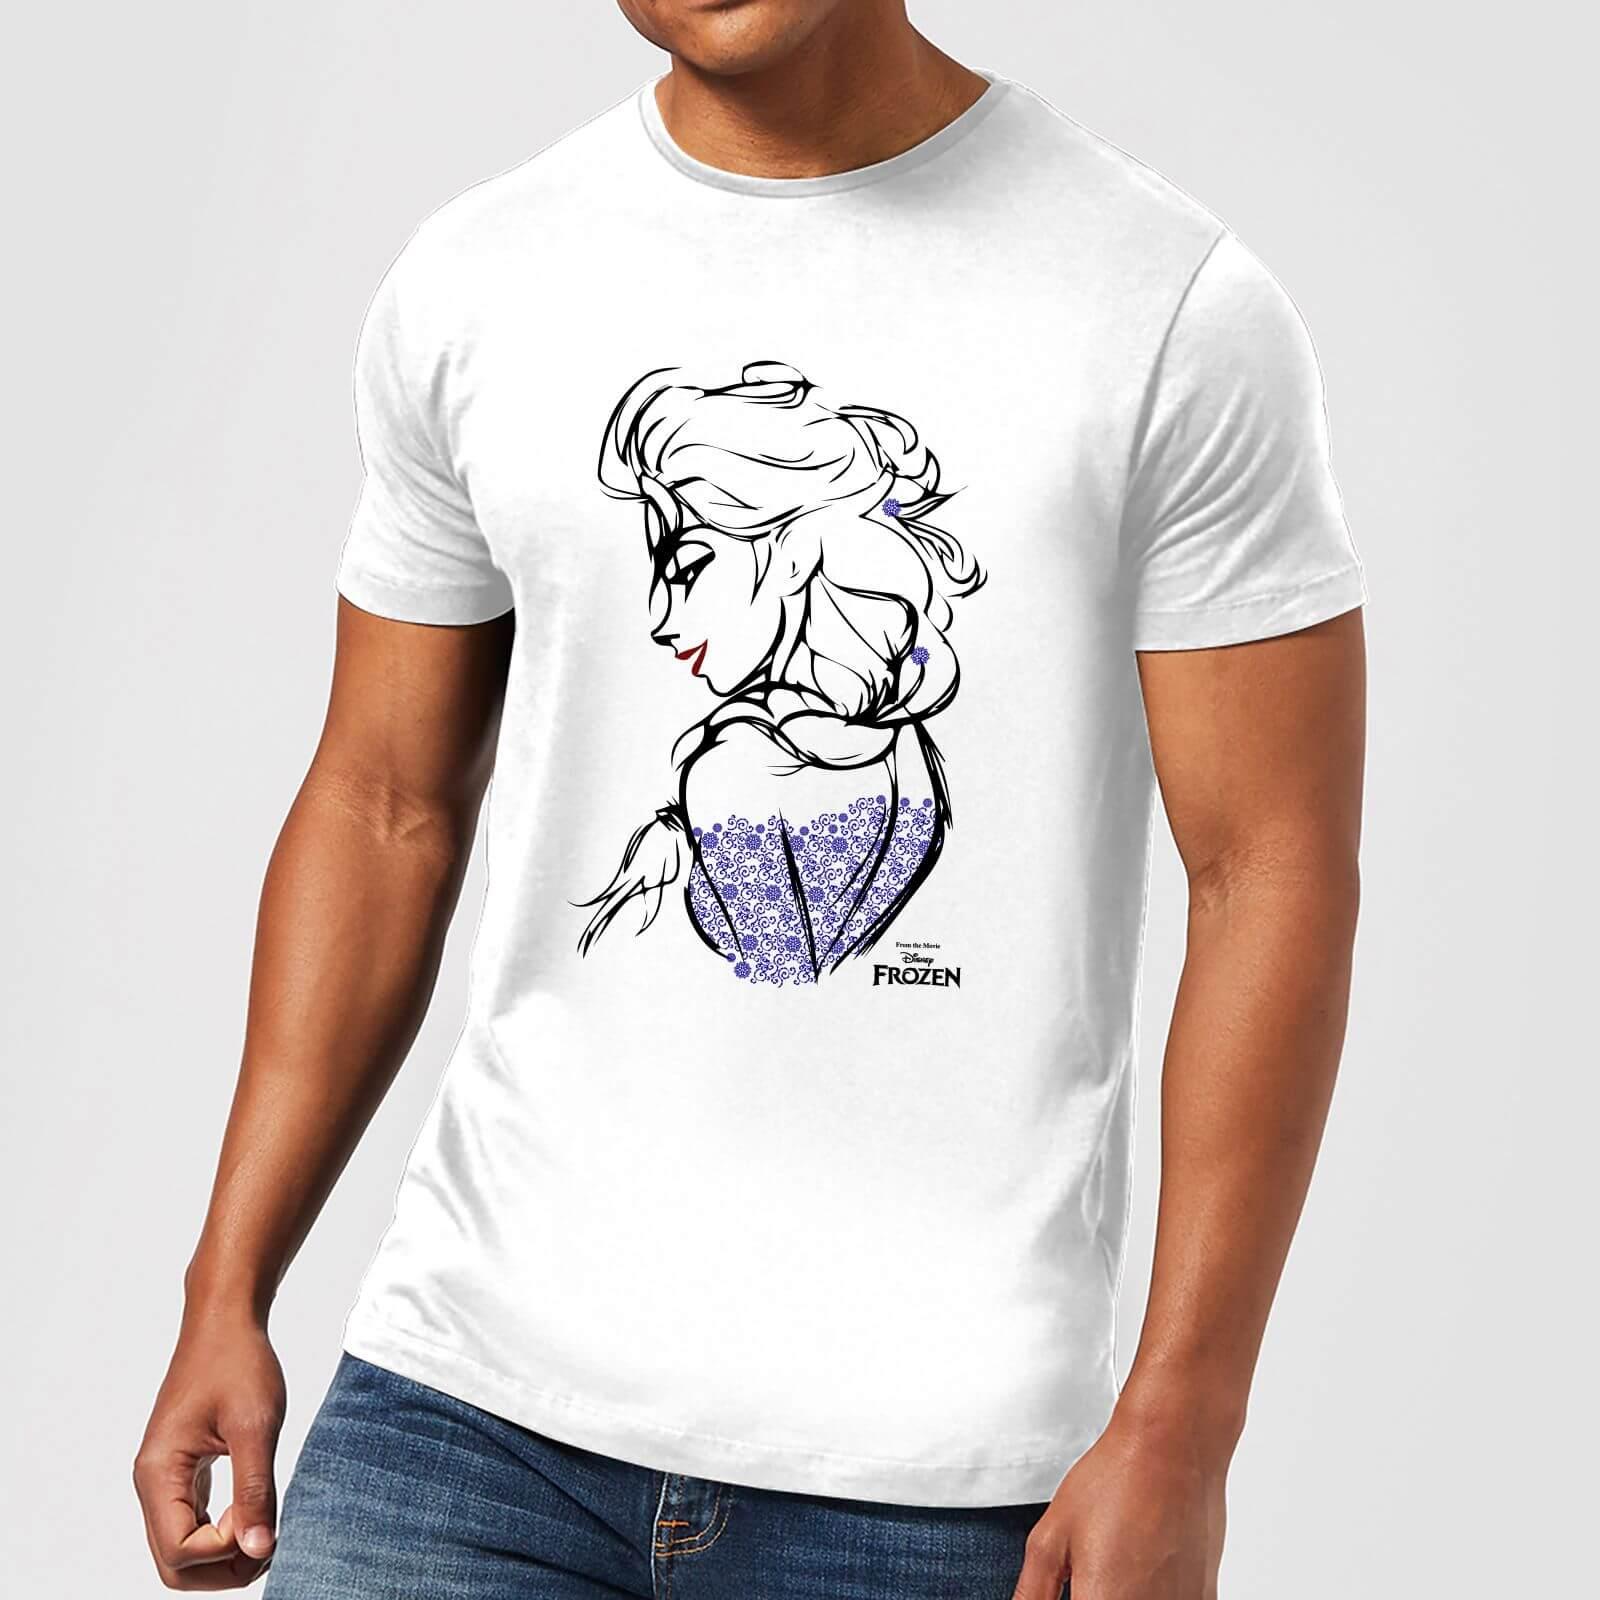 Disney Disney Frozen Elsa Sketch Men's T-Shirt - White - 5XL - White